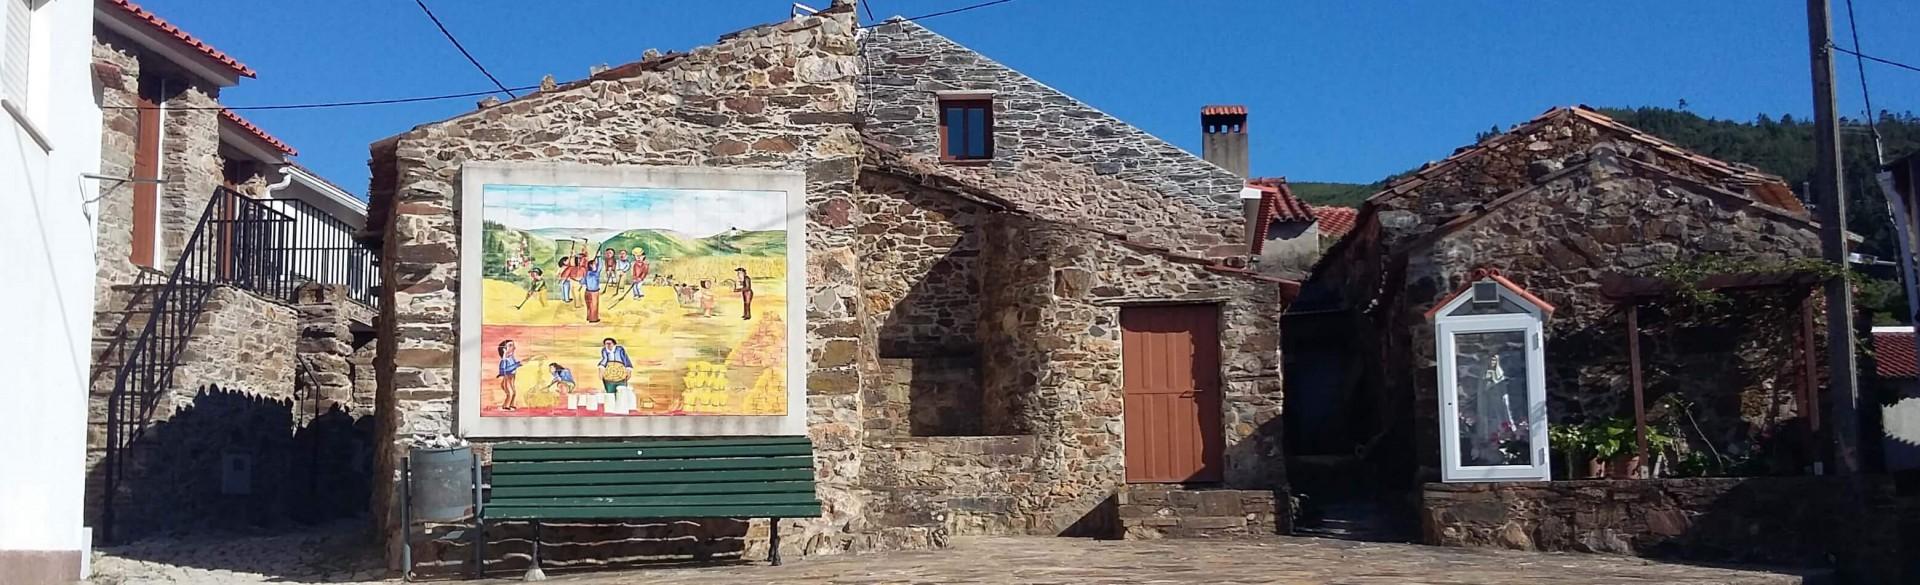 Casa do Medronheiro - Casas dos Carregais